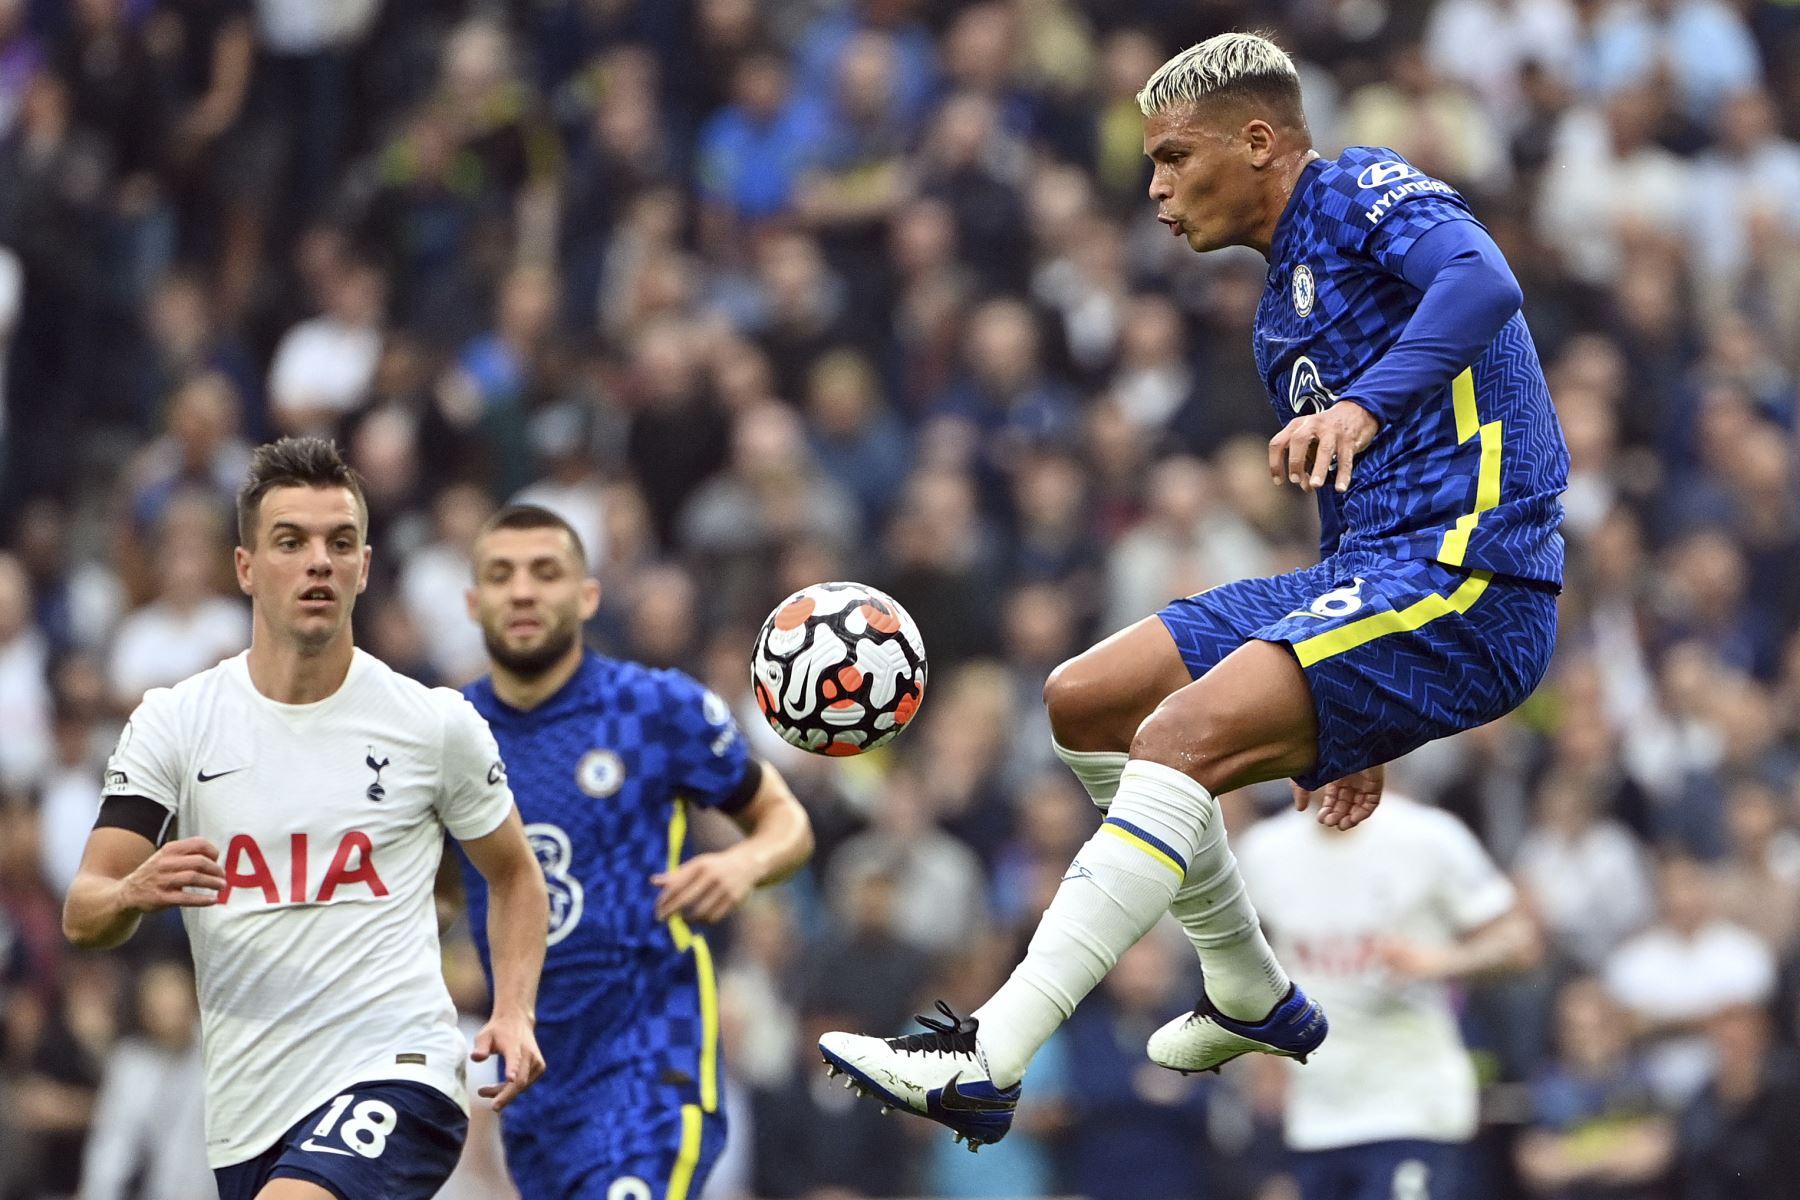 El defensor brasileño del Chelsea Thiago Silva salta por el balón durante el partido de la Premier League. Foto: AFP